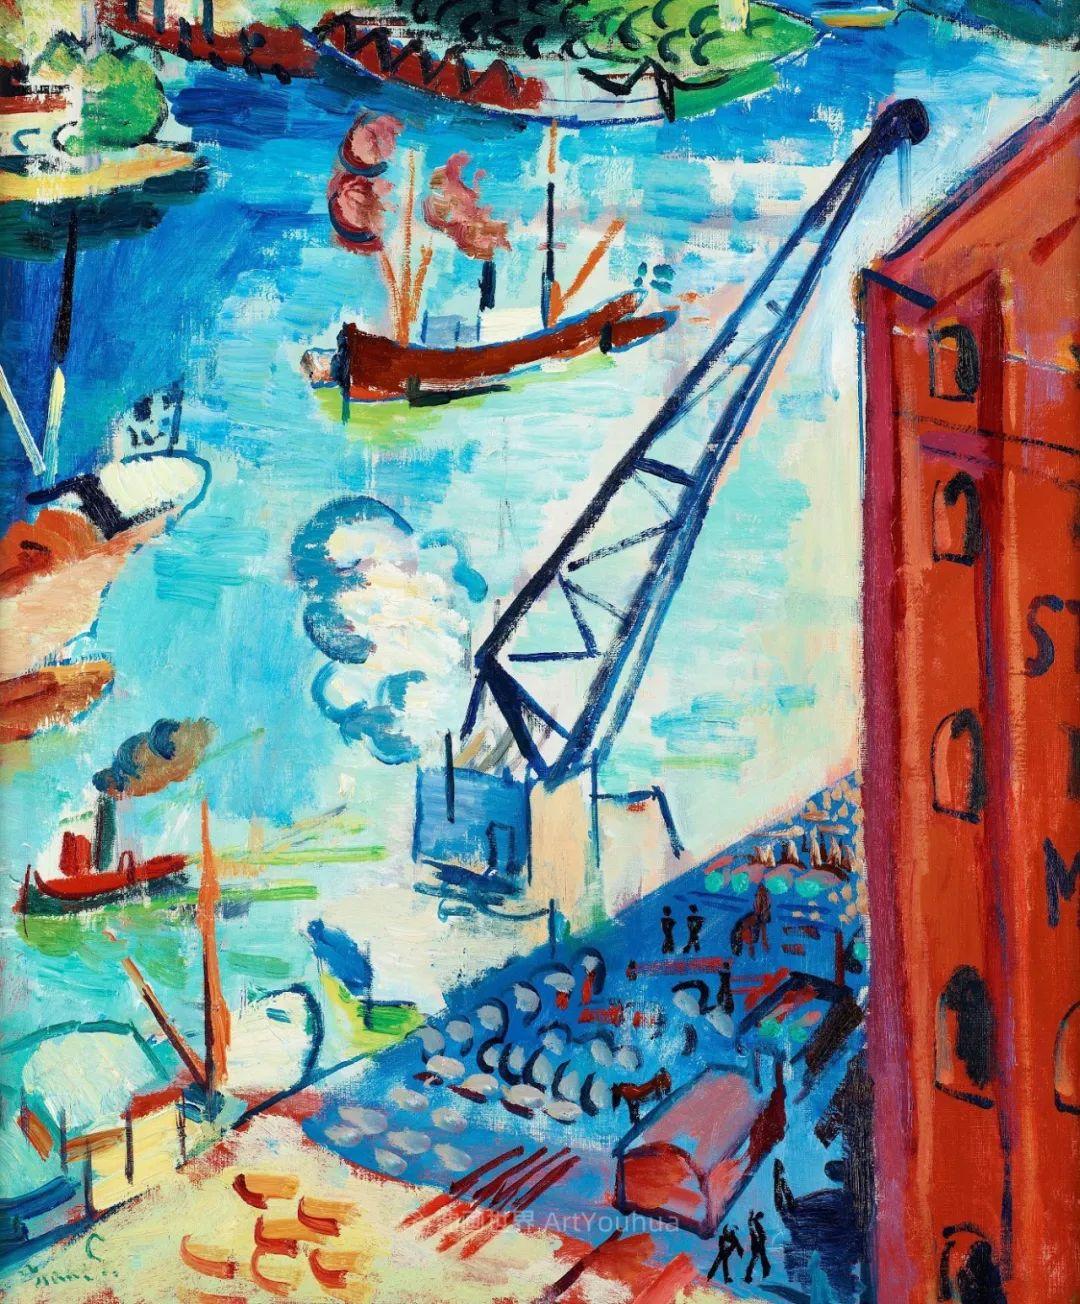 第一代瑞典现代主义的领军人物   艾萨克作品欣赏插图115